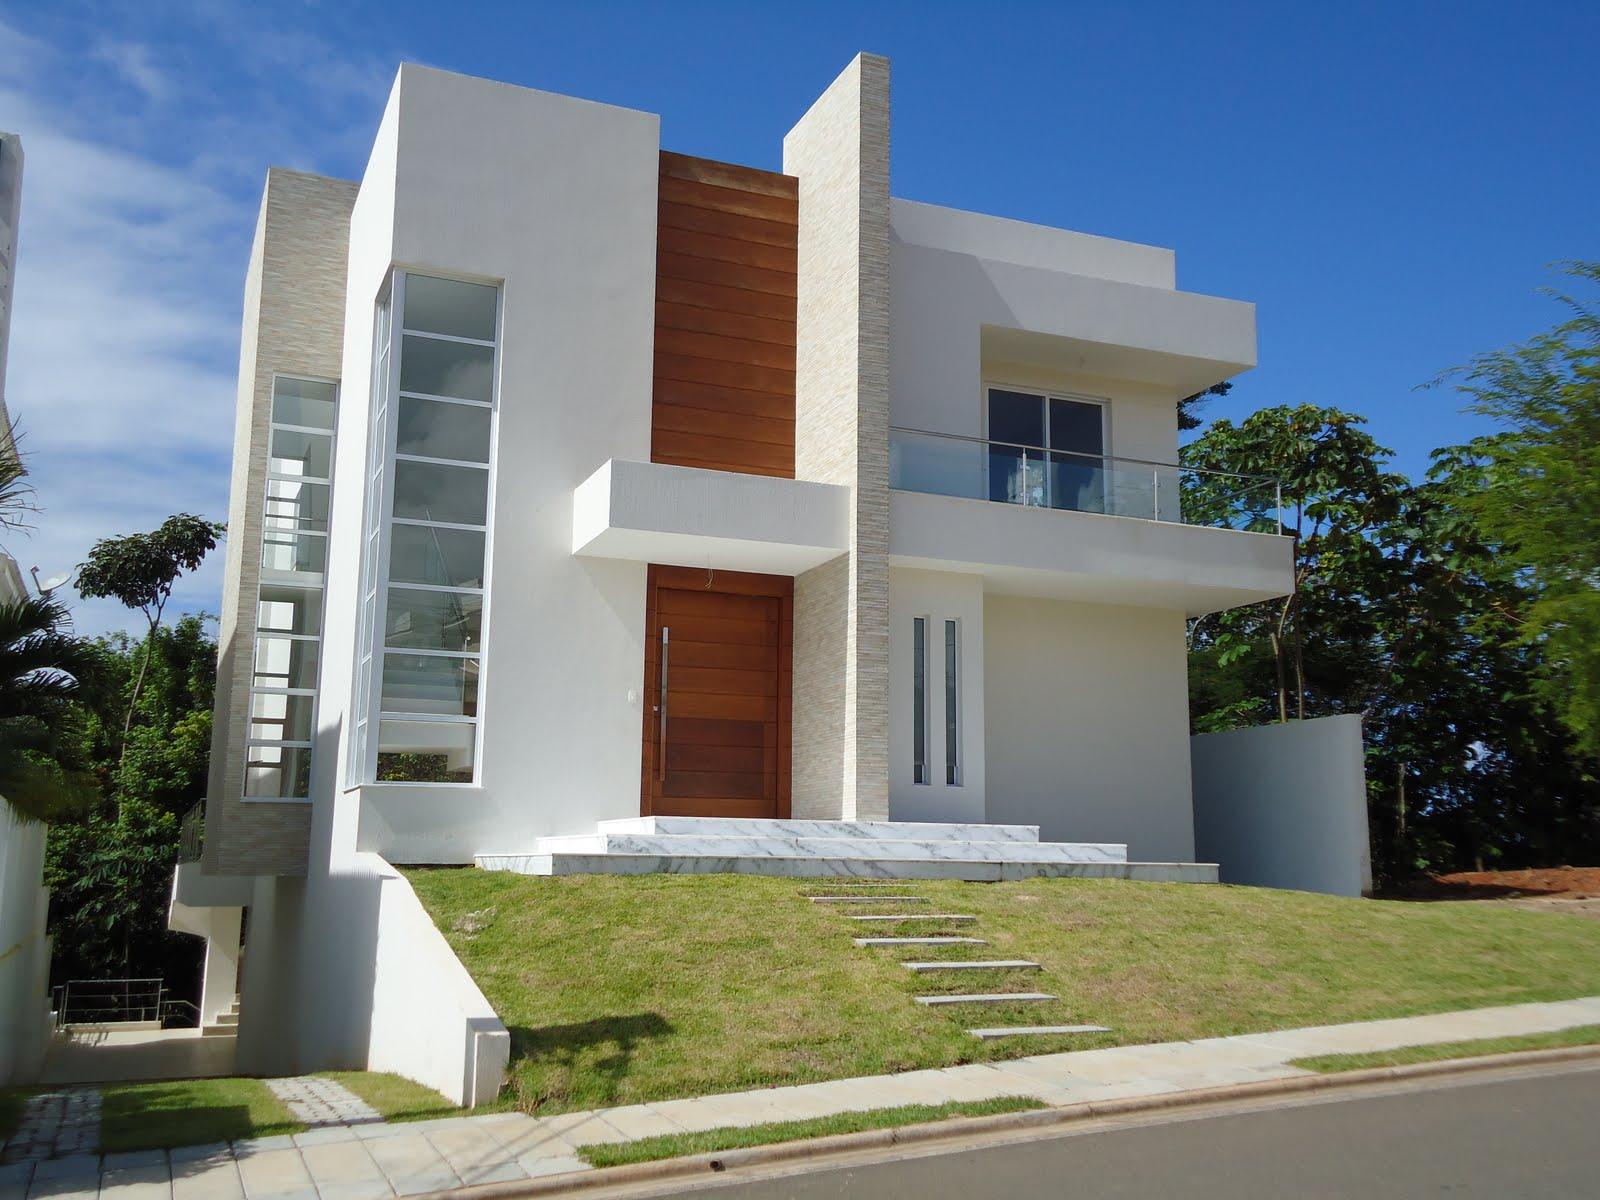 Casa A Venda Alphaville Salvador